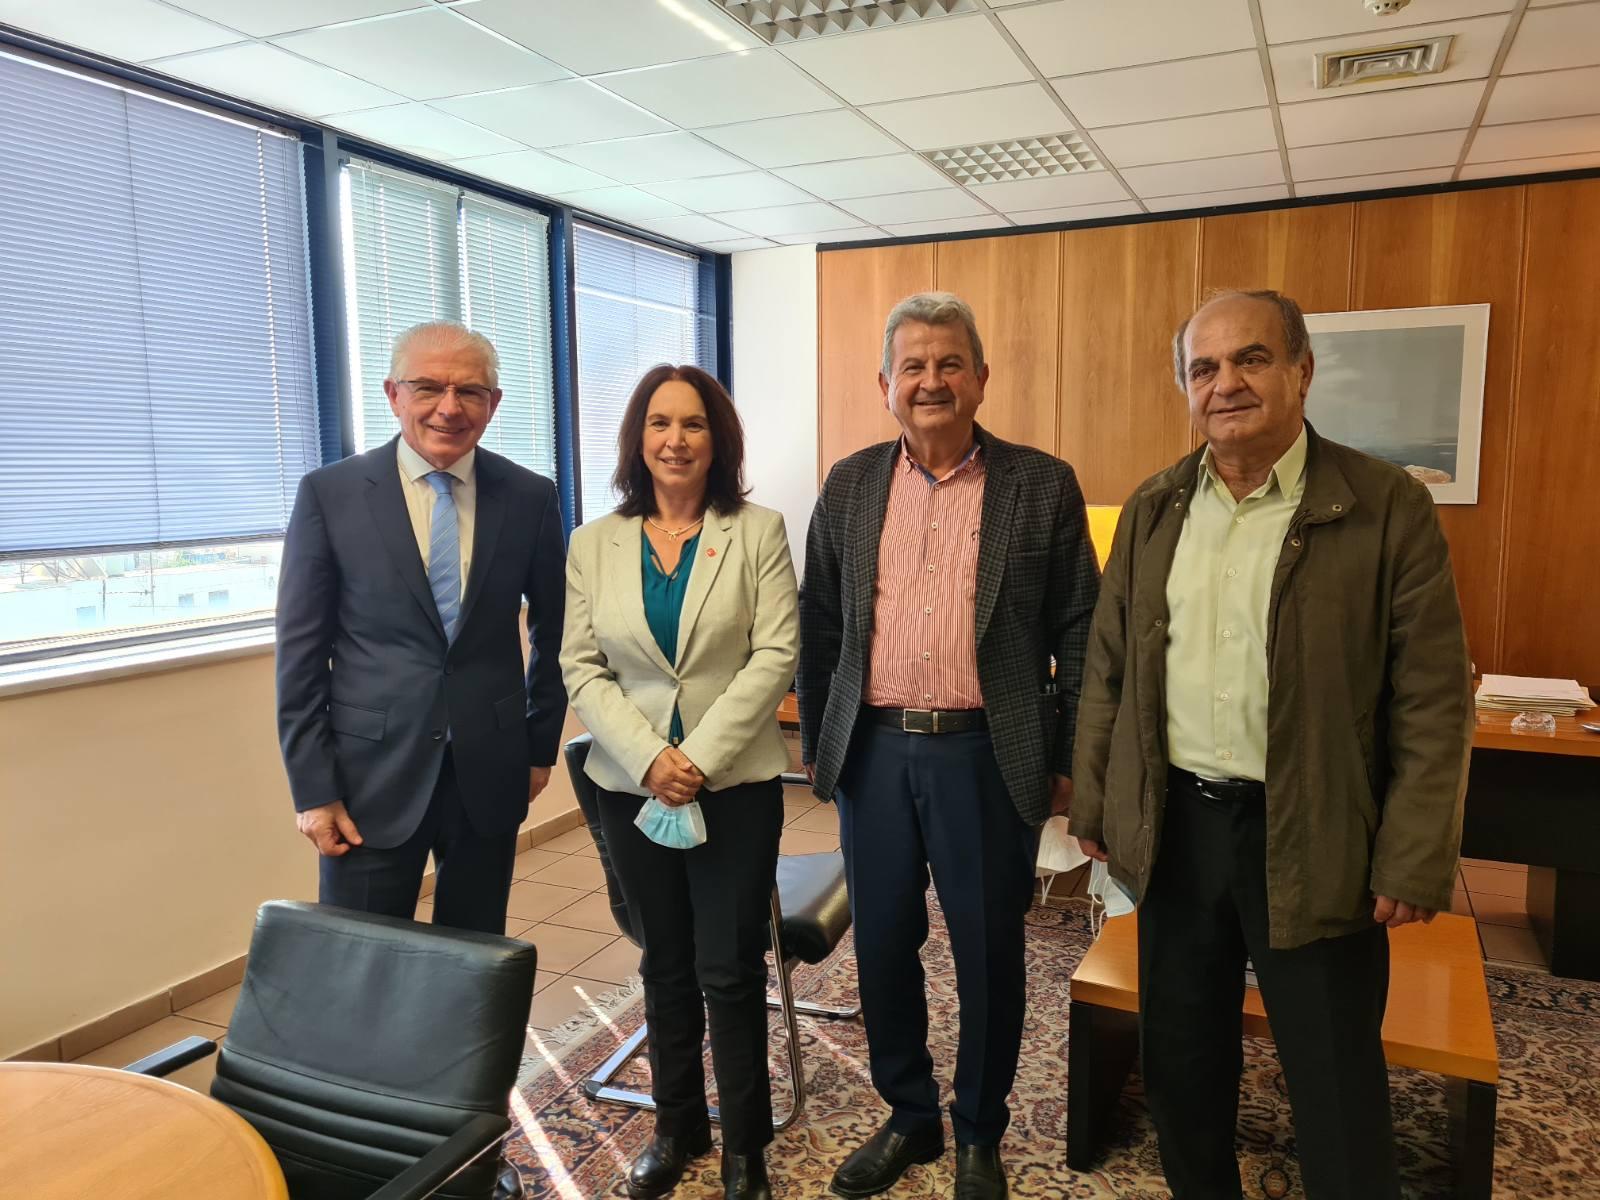 Καλλιόπη Βέττα: Συνάντηση με τον Πρόεδρο του ΕΛ.Γ.Α. για θέματα τωναγροτικών αποζημιώσεων της Π.Ε. Κοζάνης